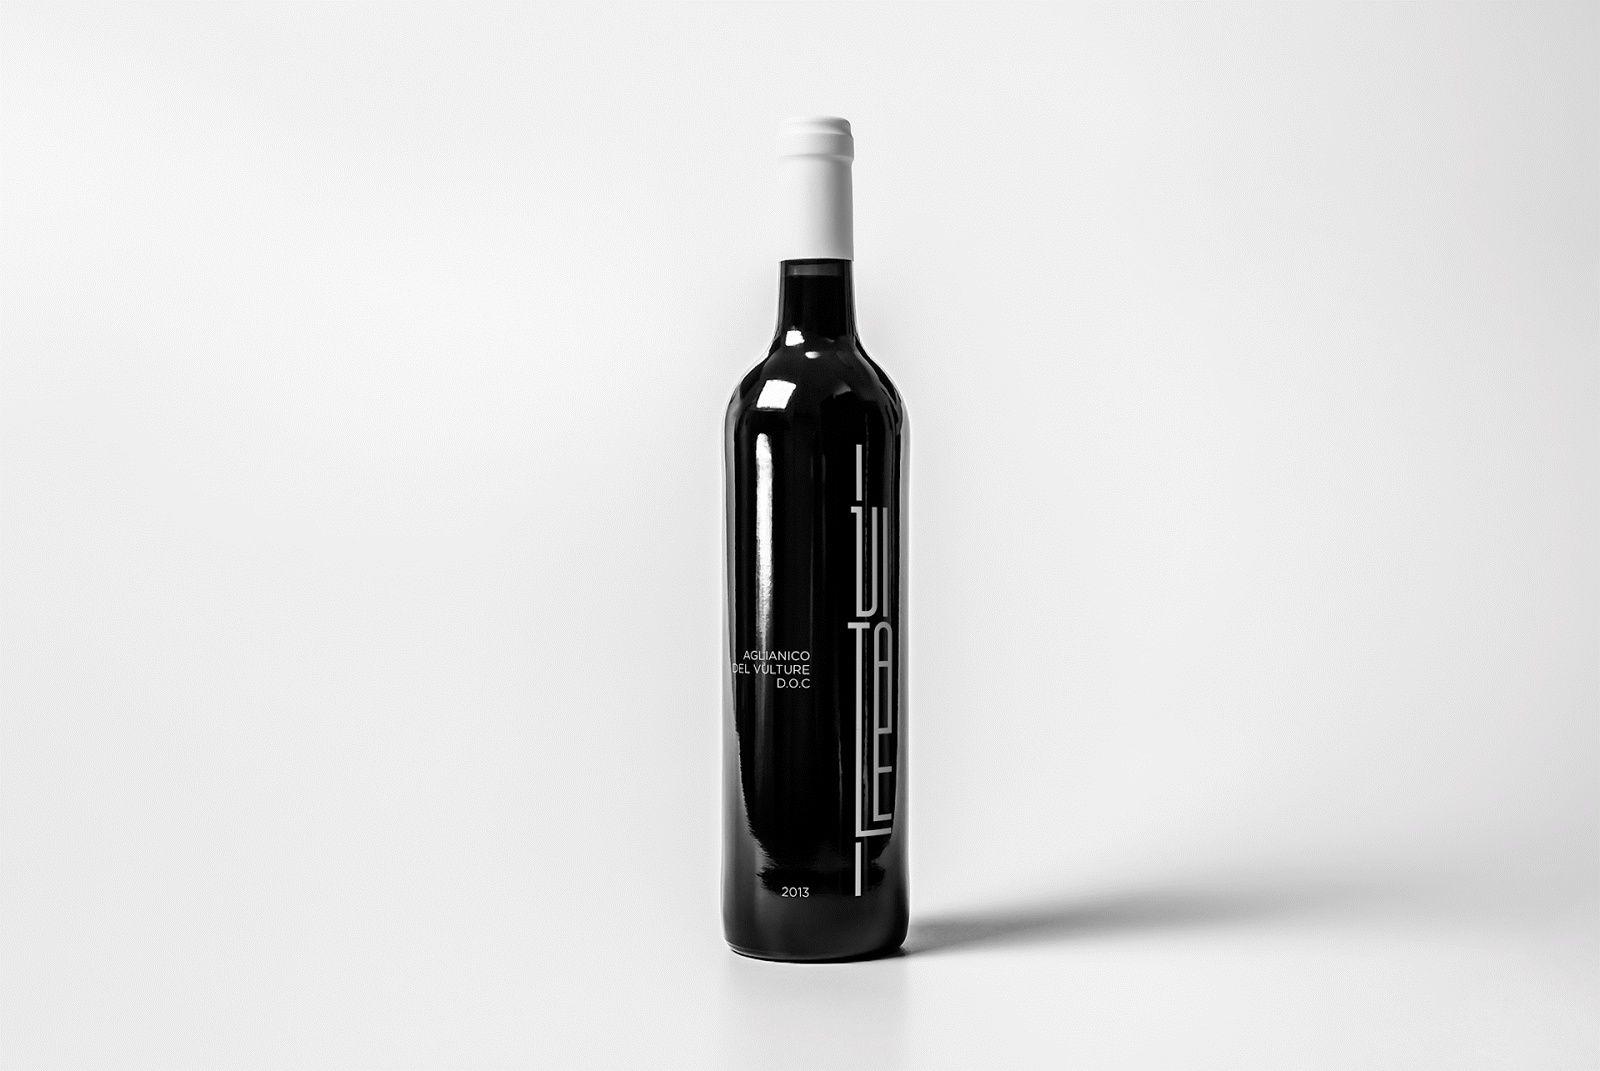 Cantine Vitale - Cantine Vitale S.p.A (vin italien) I Design : Andrea Petruccio, Italie (octobre 2016)